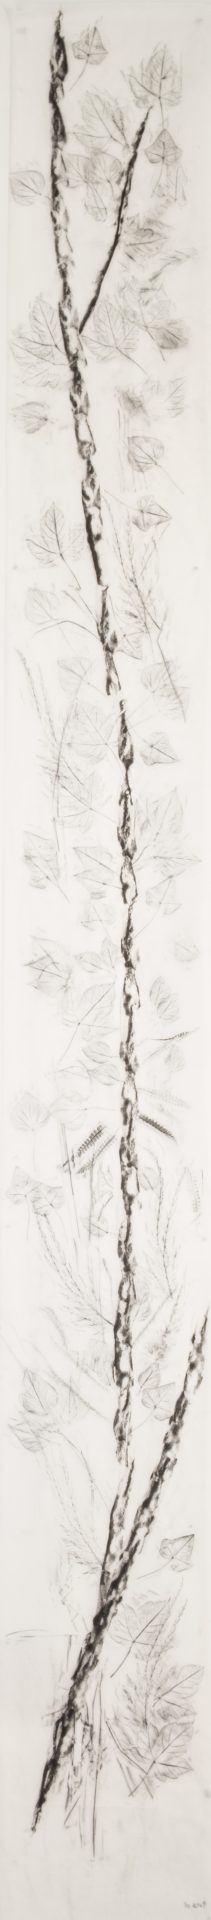 Scala Naturale<br>MMG17<br>misure: 33 x 300 cm<br>tecnica: Carboncino su carta giapponese<br>anno: 2018<br><br>DISPONIBILE